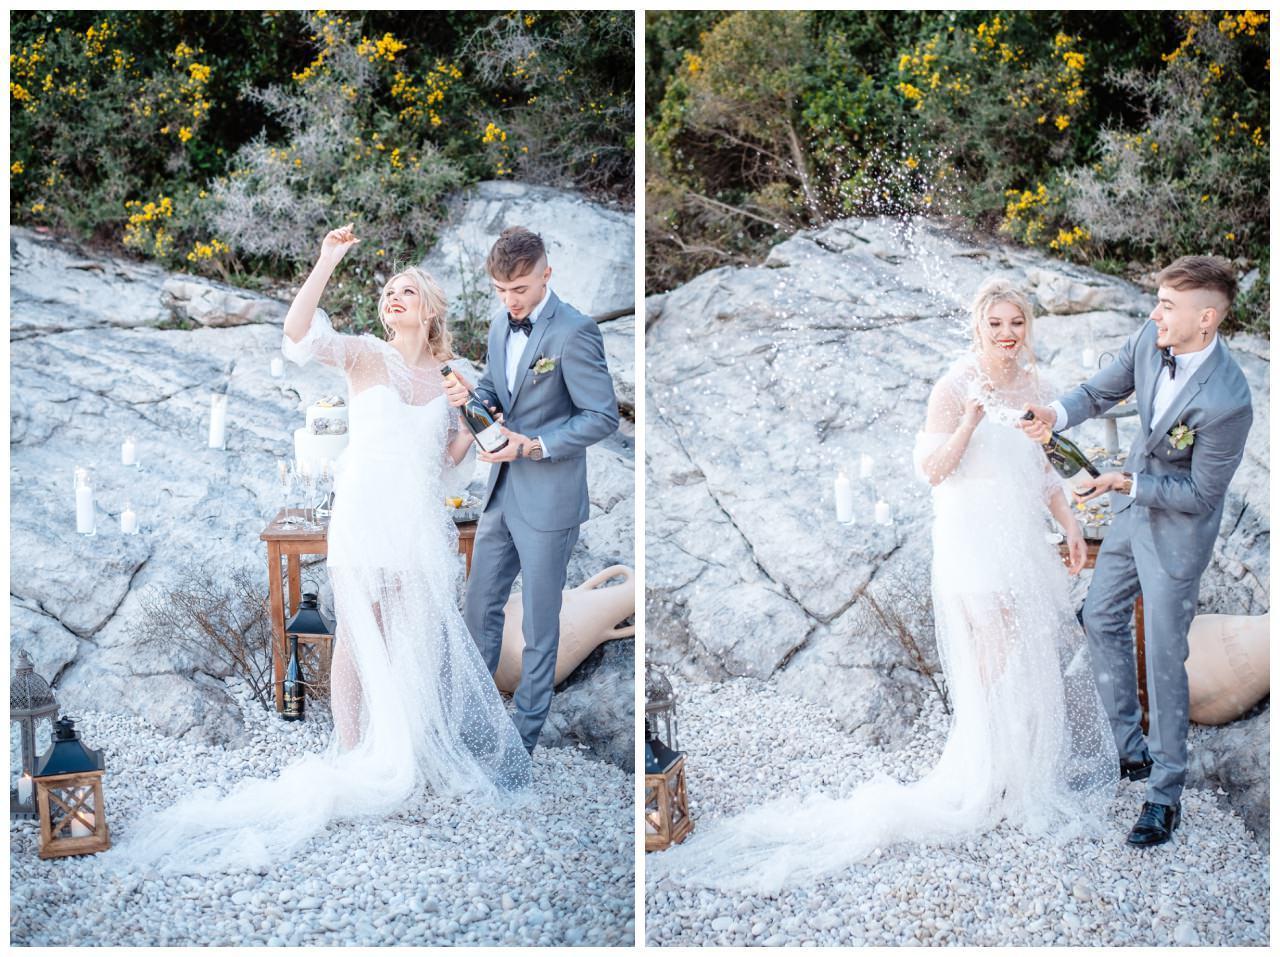 Hochzeit Strand Kroatien Hochzetsplanung Hochzeitsplaner Fotograf 26 - Kleine Hochzeit am Strand